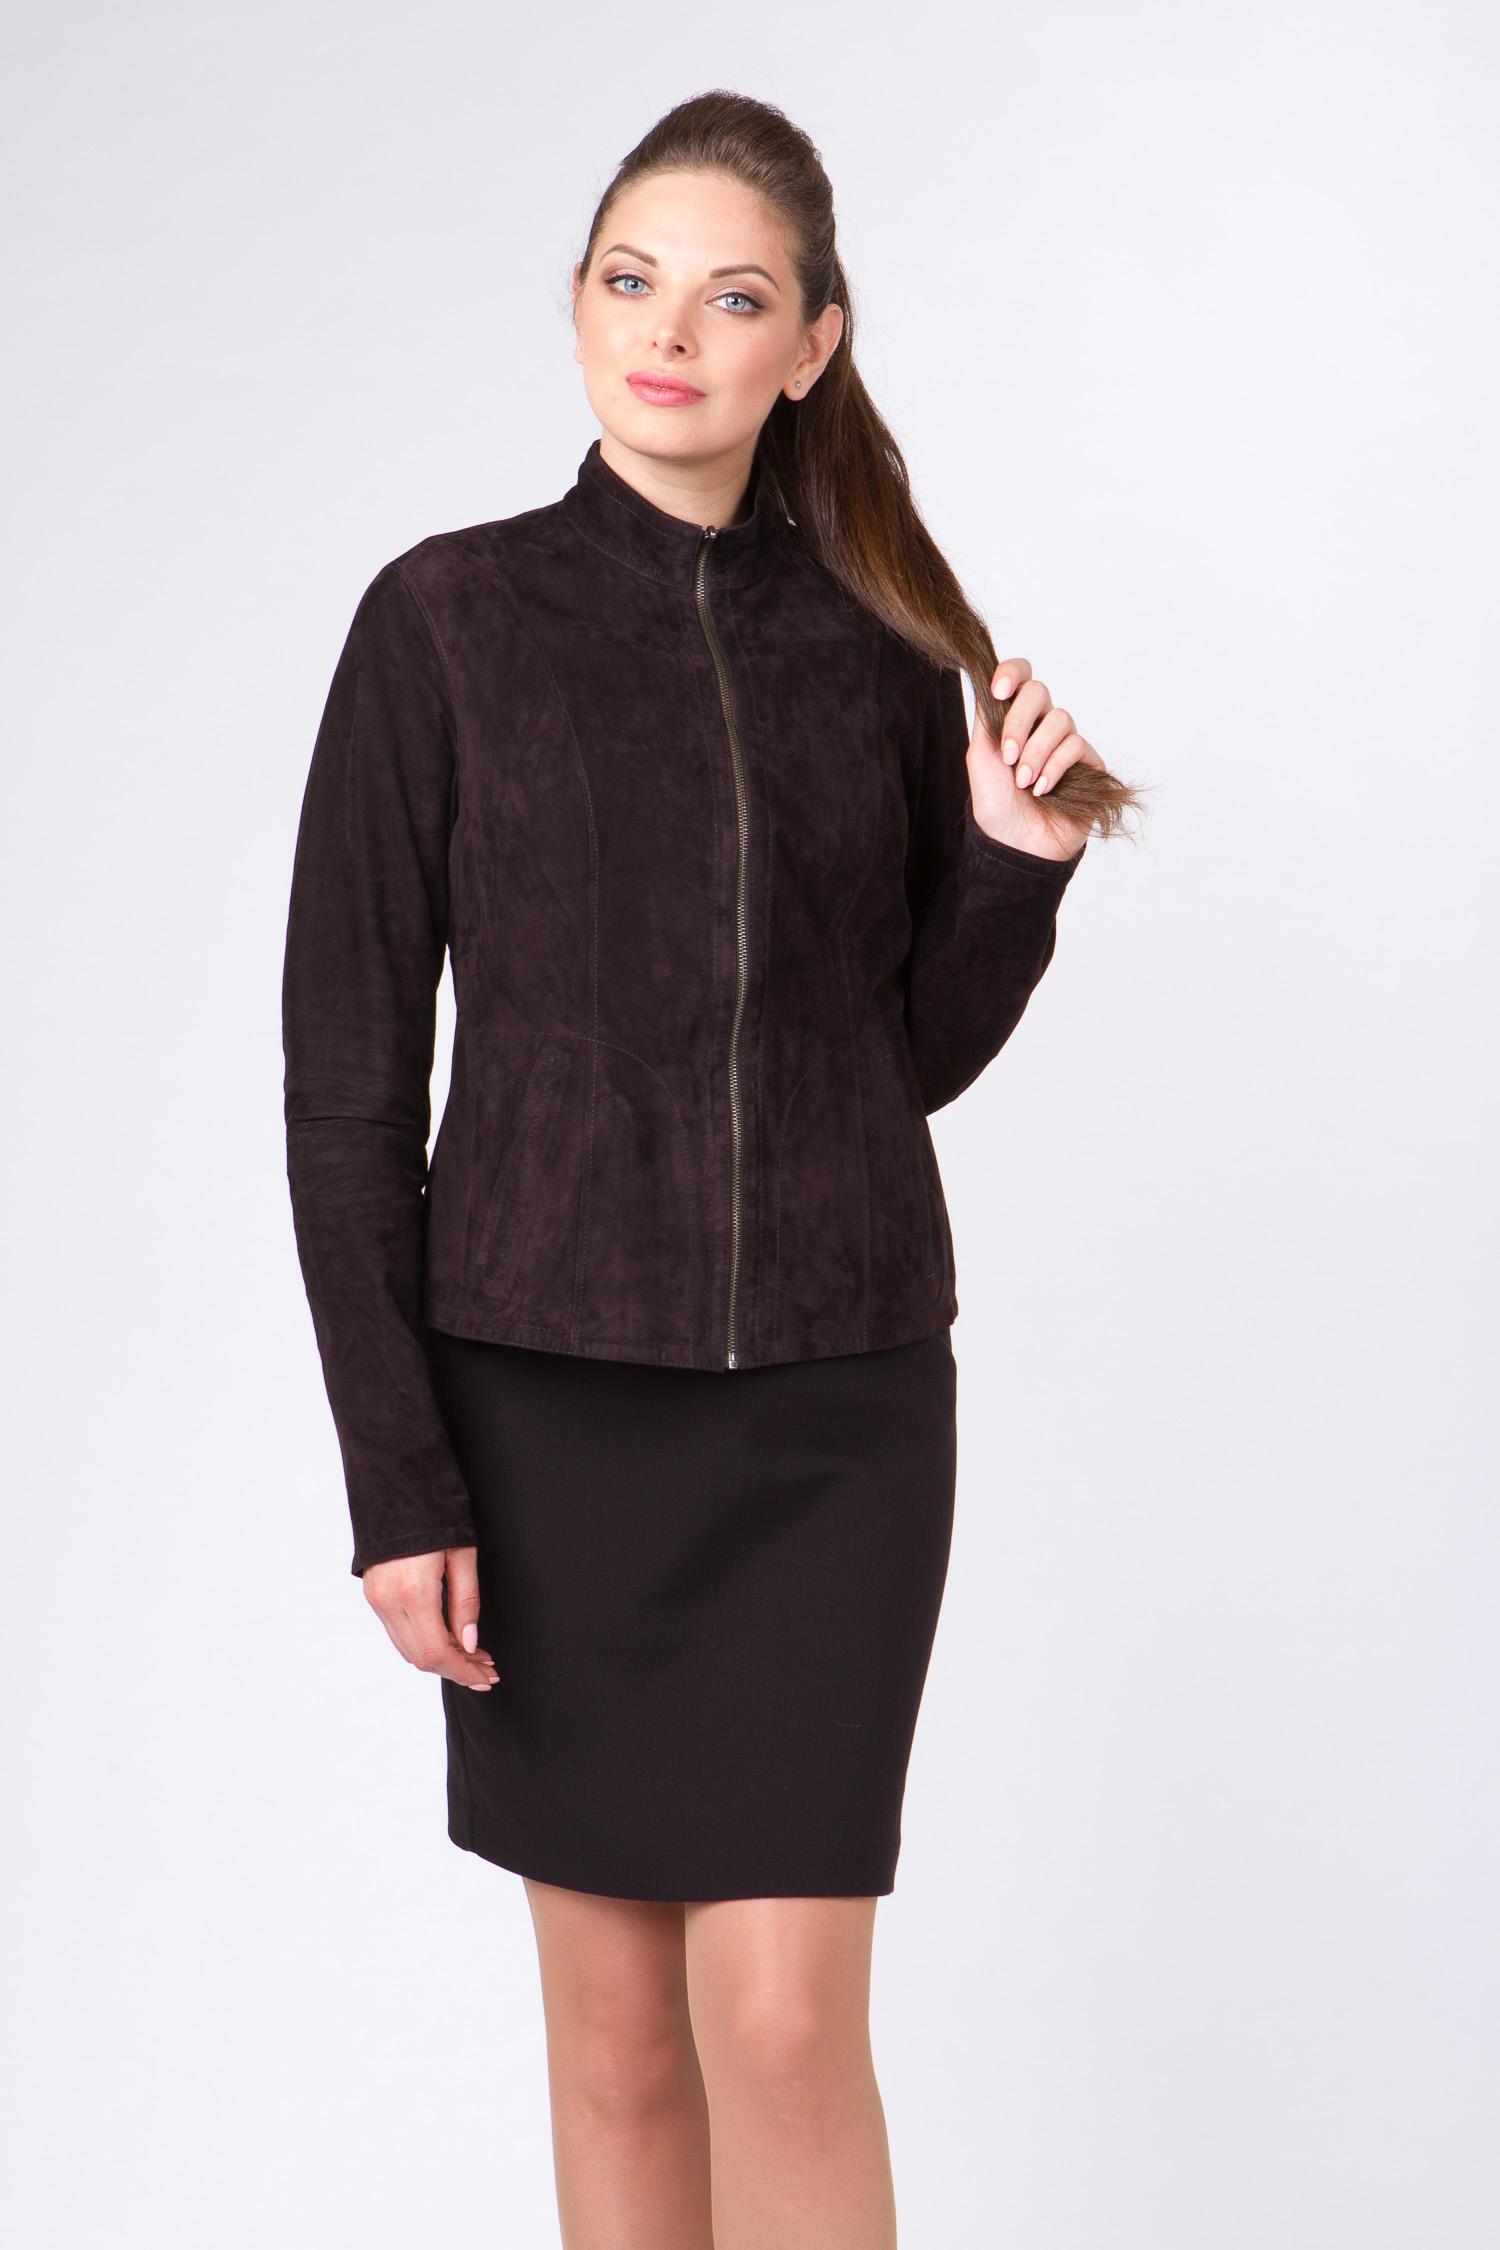 Купить со скидкой Женская кожаная куртка из натуральной кожи с воротником, без отделки